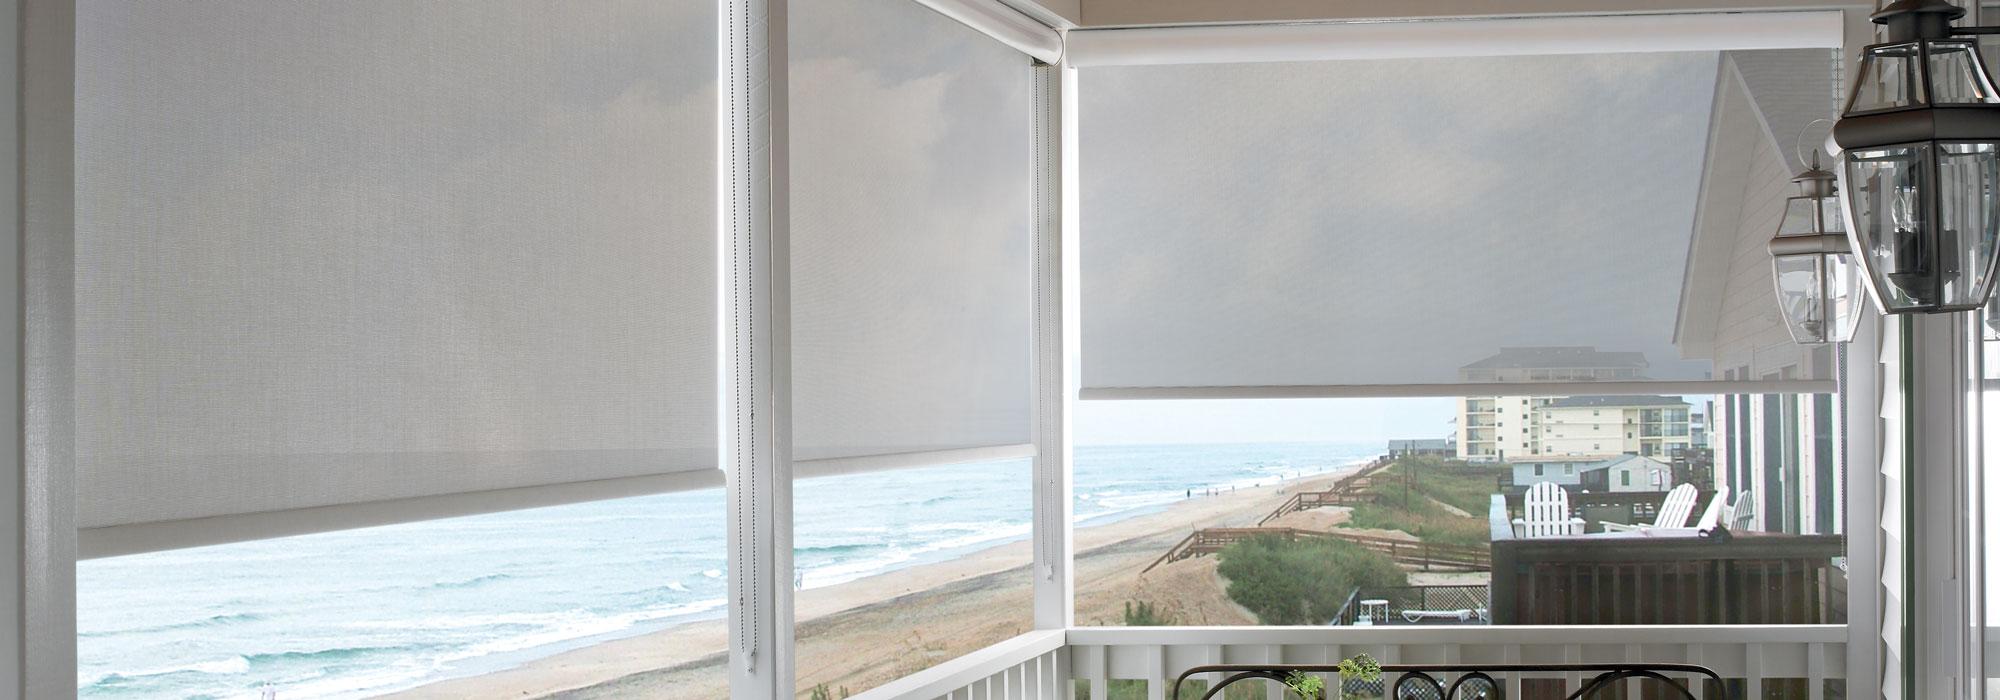 outdoor solar shades window shades